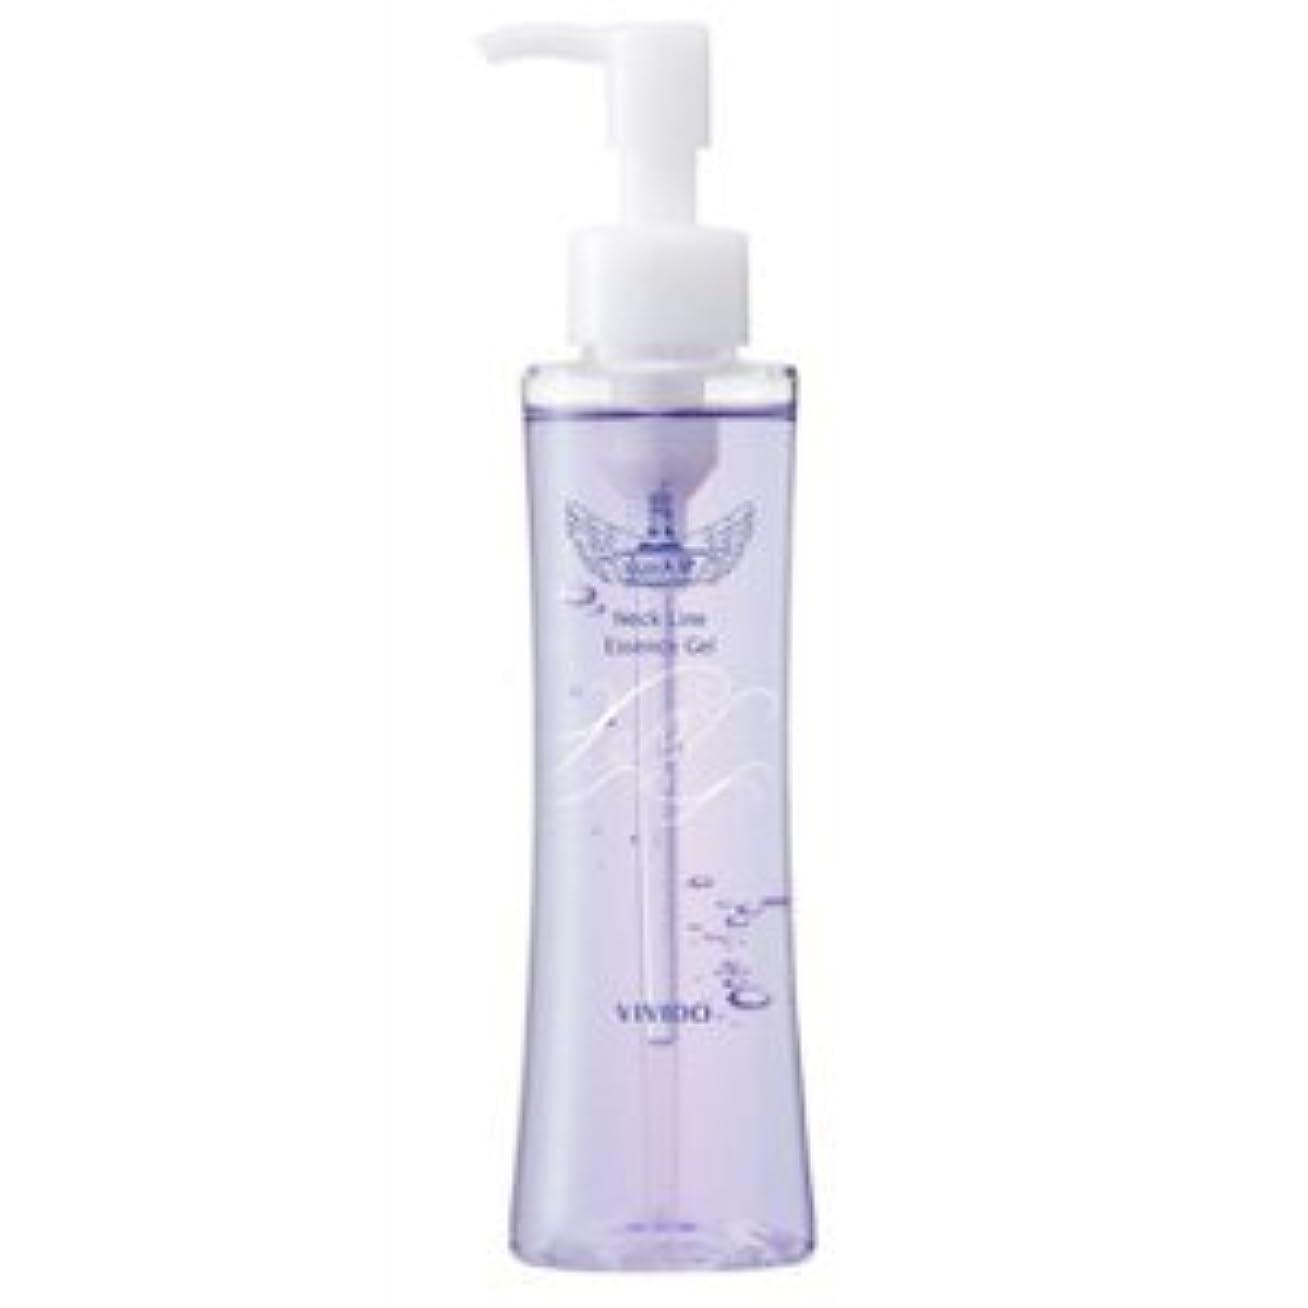 スチール粒気分水の天使プレミアムネックライン美容液150g 3個セット